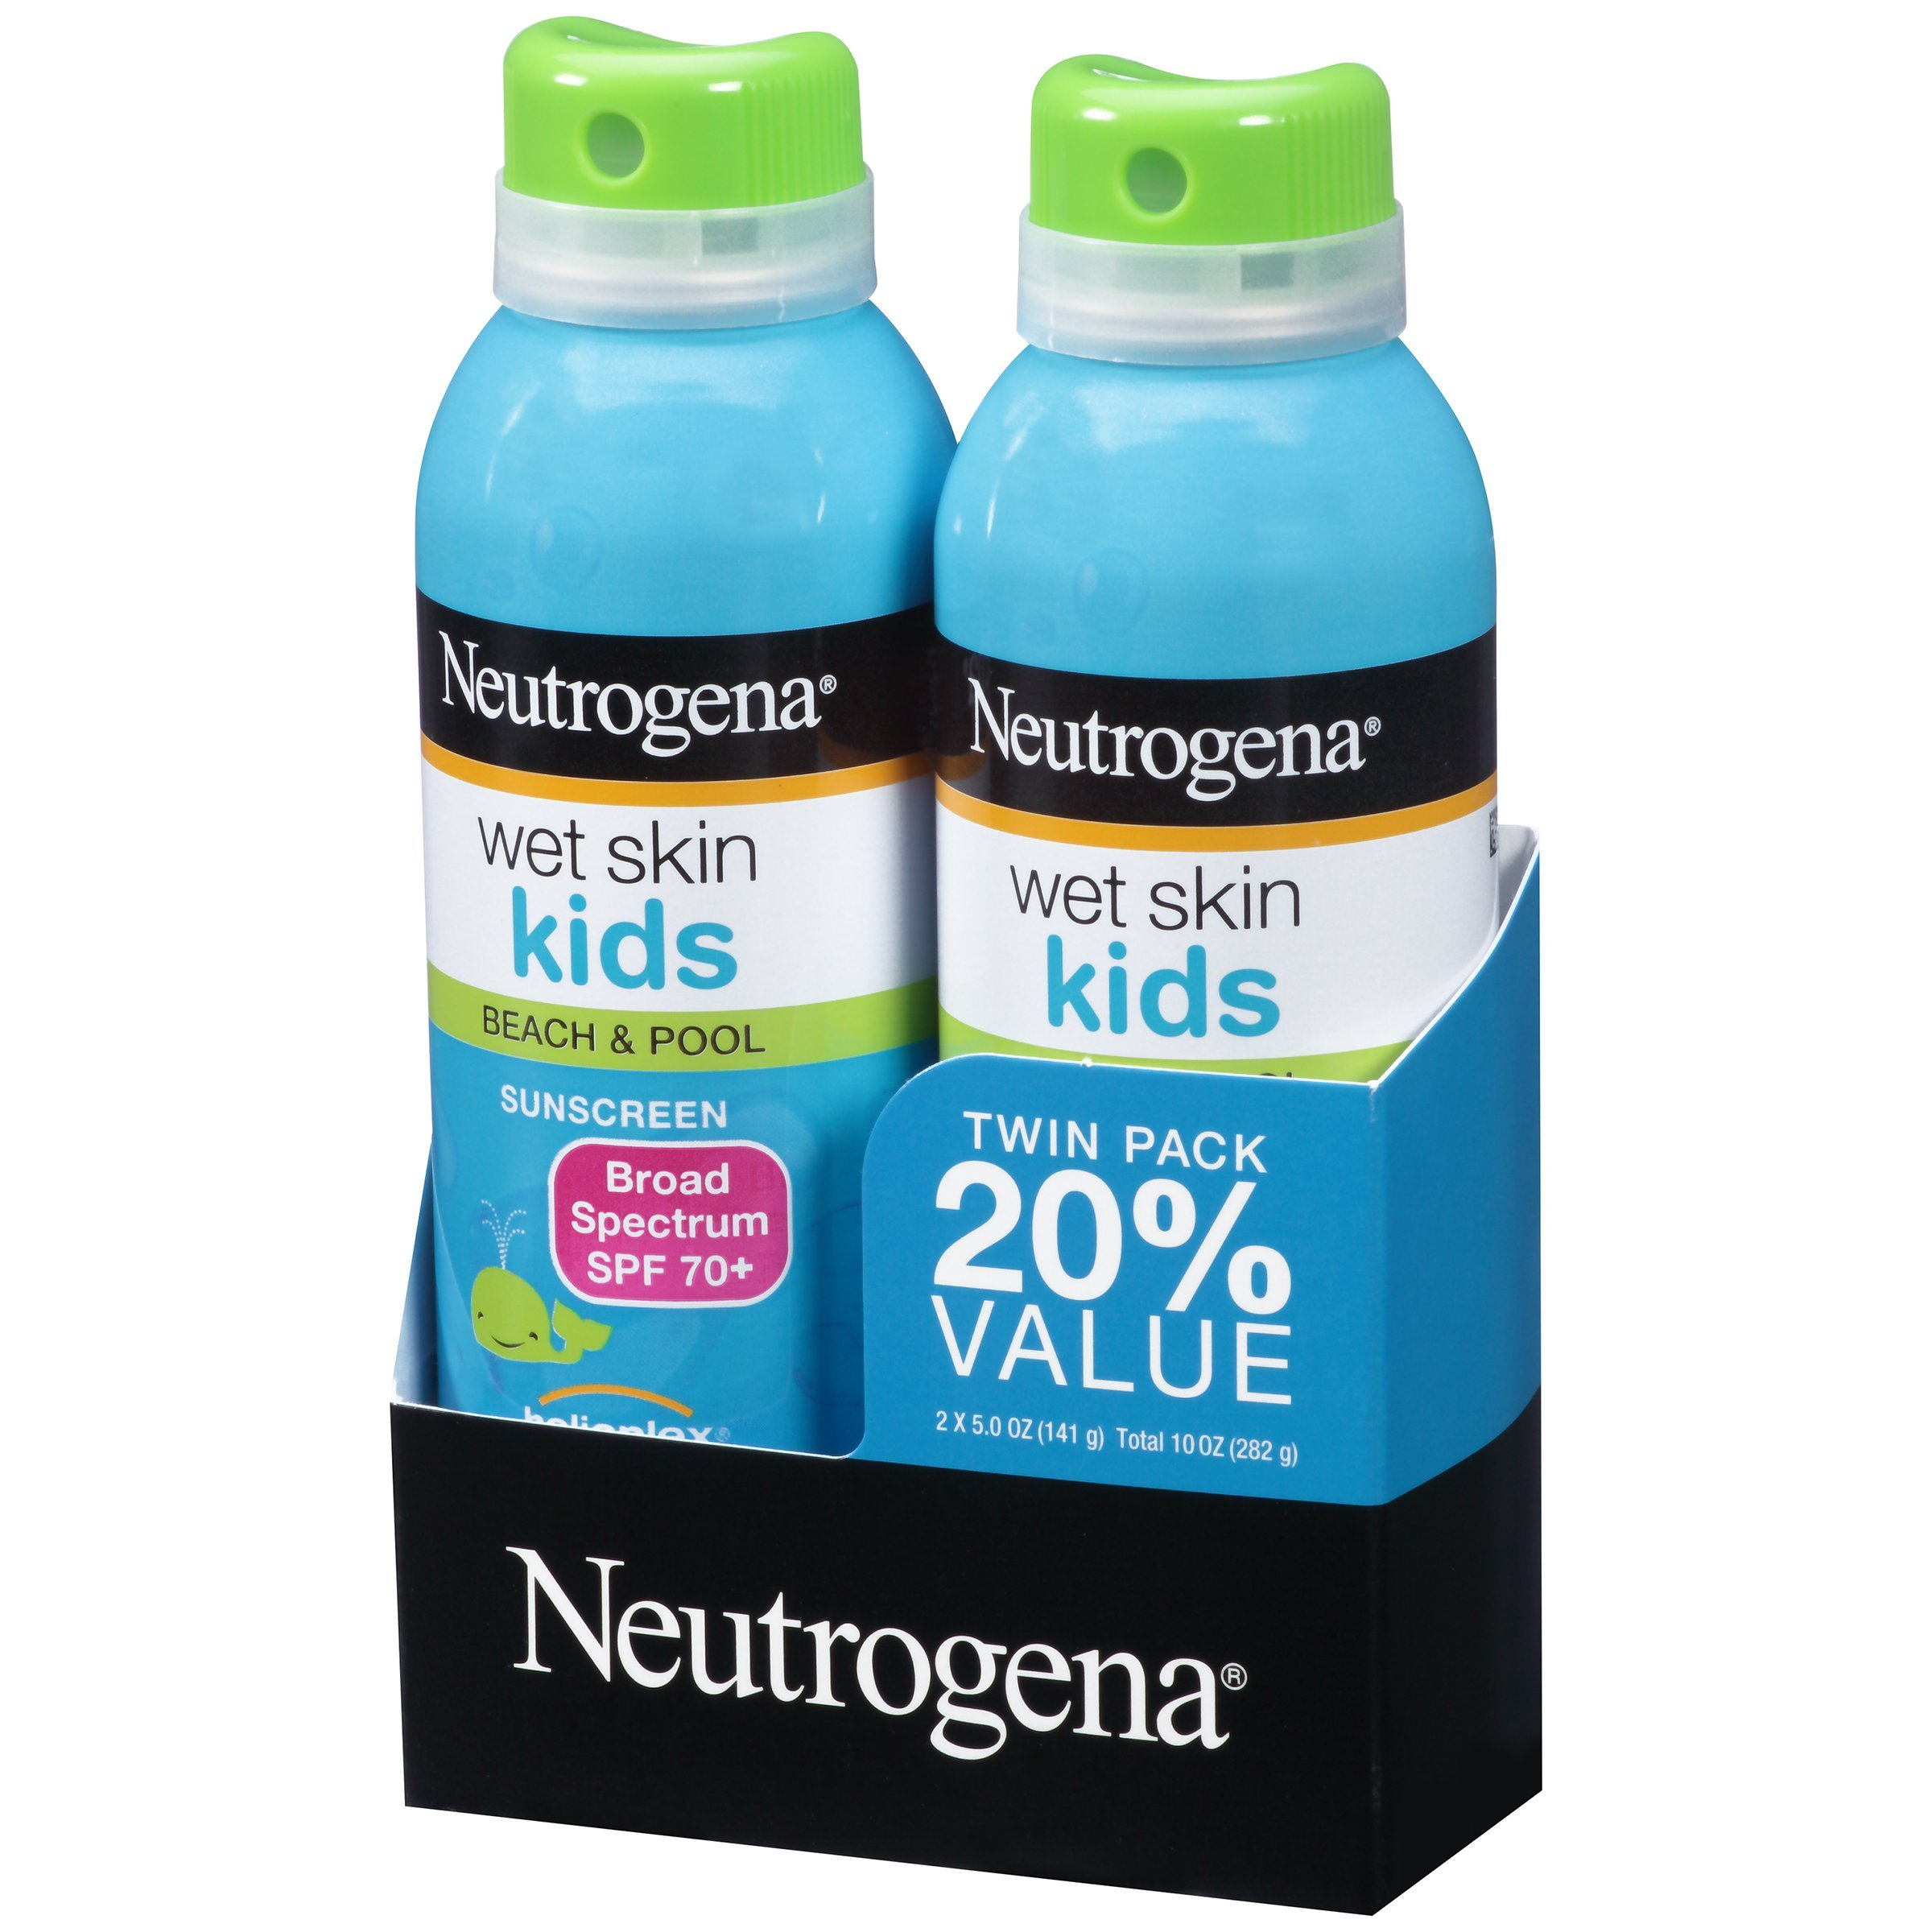 Neutrogena Wet Skin Kids Sunscreen Spray, Twin Pack by Neutrogena (Image #2)